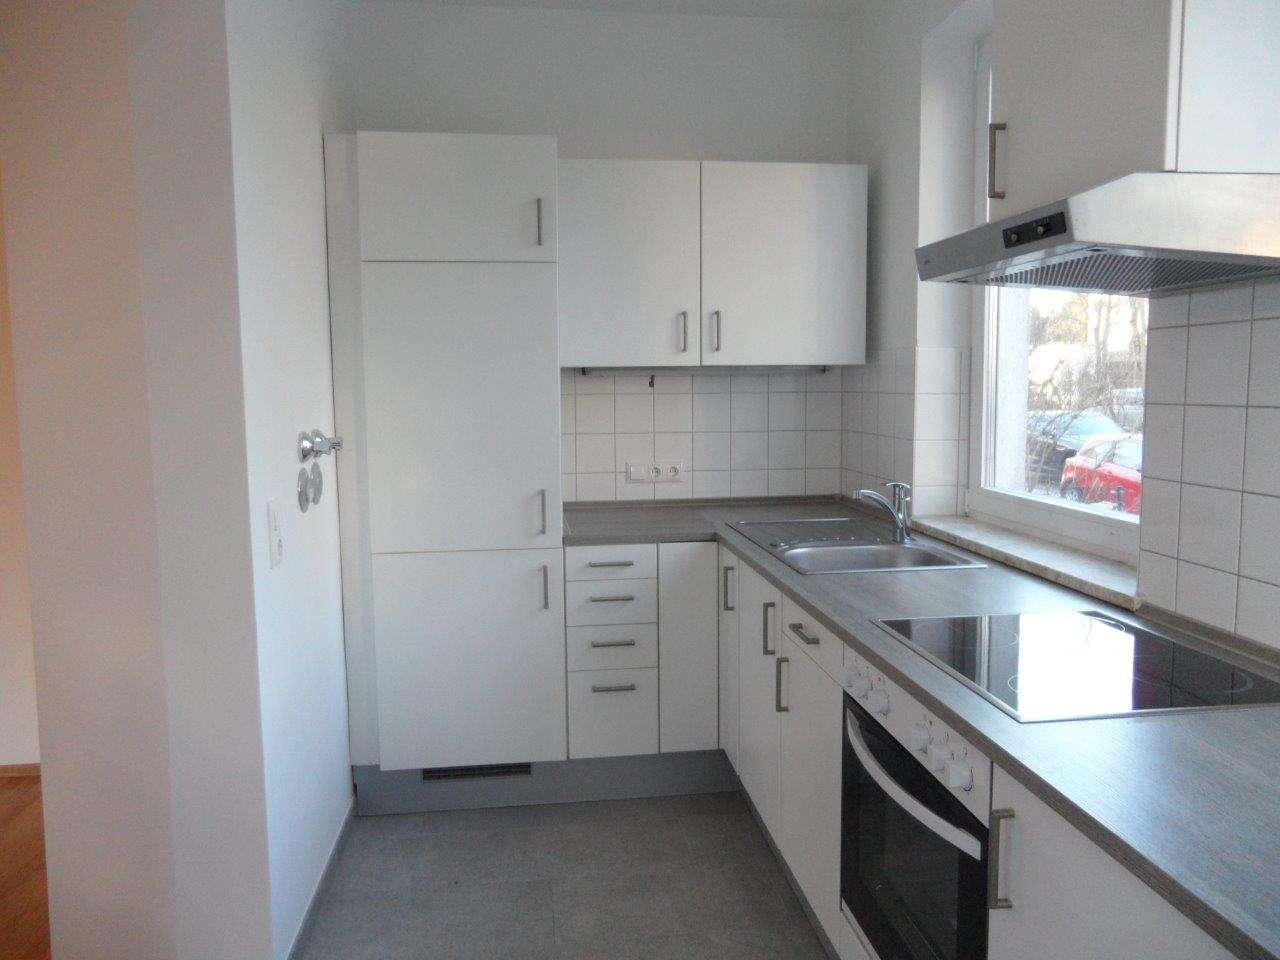 Komplett renovierte 3-Zi. Wohnung in Mü.-Trudering mit großem Garten, 5 Geh. Min. zur U-und S-Bahn in Trudering (München)